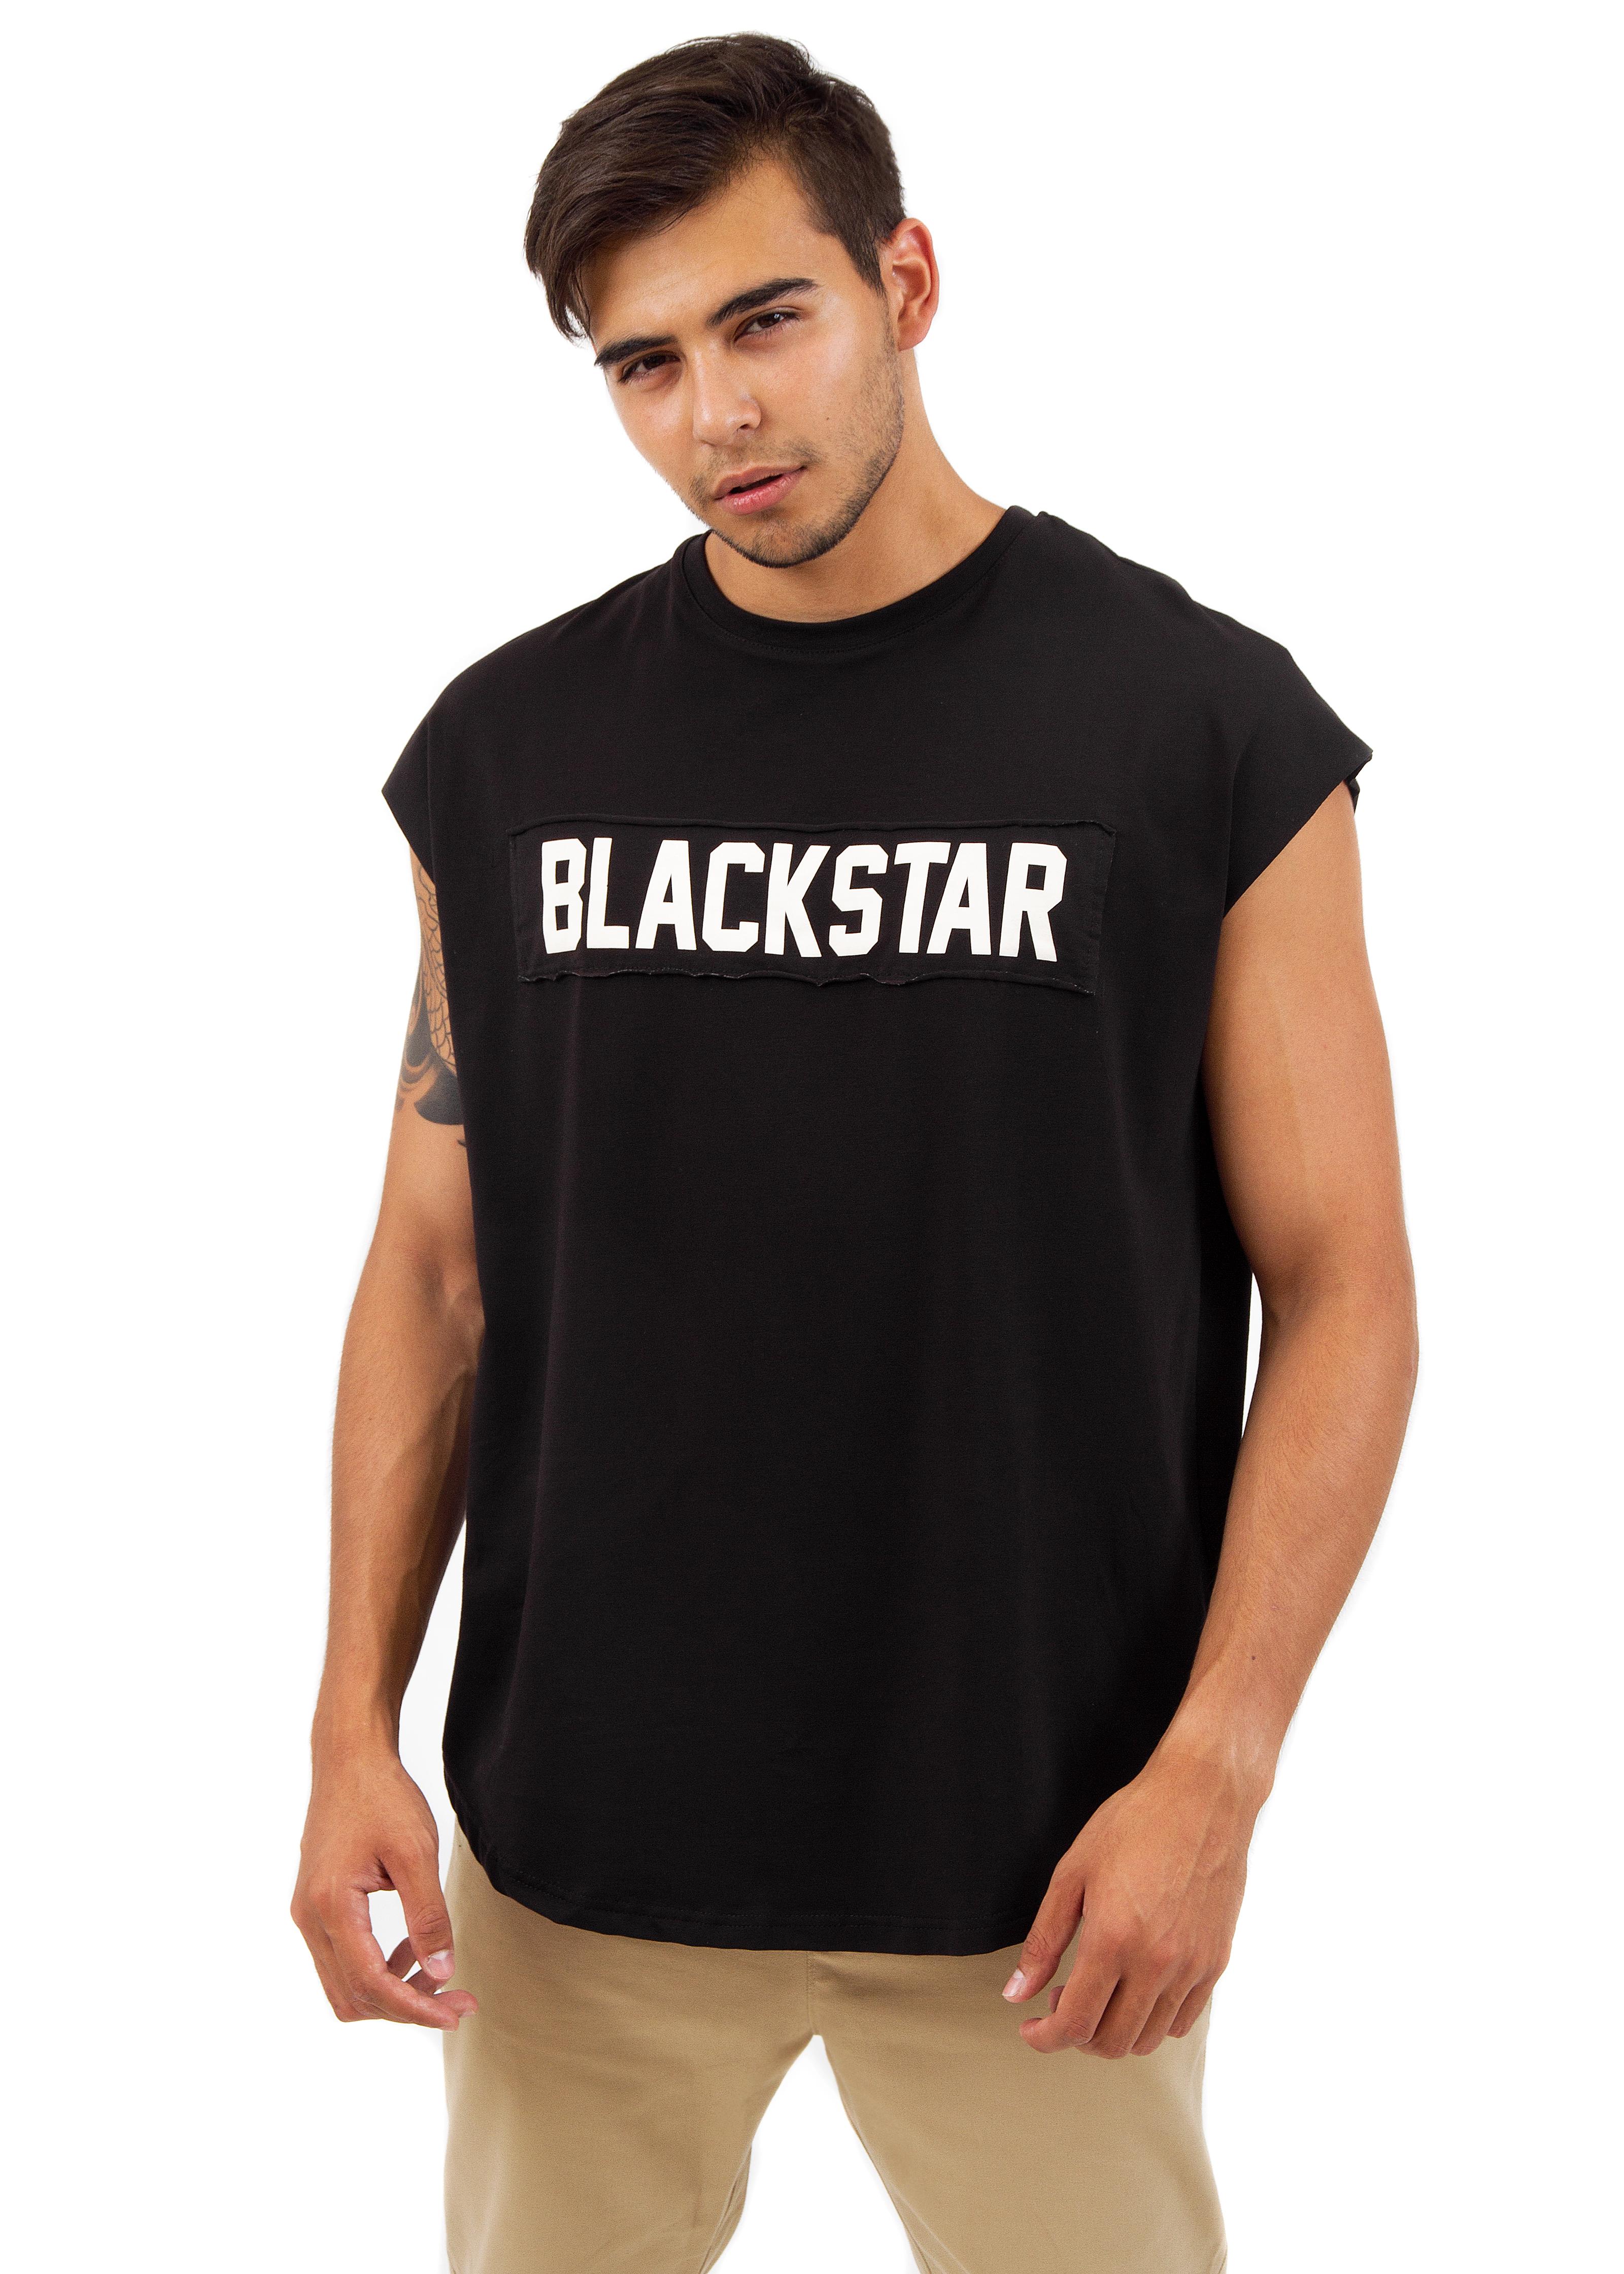 Mens t-shirt BS OriginalT-shirts and Jerseys<br>Мужская футболка из новой коллекции Black Star Wear. Модель удлинённого свободного кроя без рукавов. На груди и спине нашивки с необработанным краем, на которые нанесён принт, стилизованный под нанесение краски баллончиком через трафарет. Базовая вещь в стиле милитари, выполненная из высококачественного хлопкового полотна с необшитым округлым низом, доступна в хаки и чёрном цвете.<br><br>size: S<br>color: Black<br>gender: male